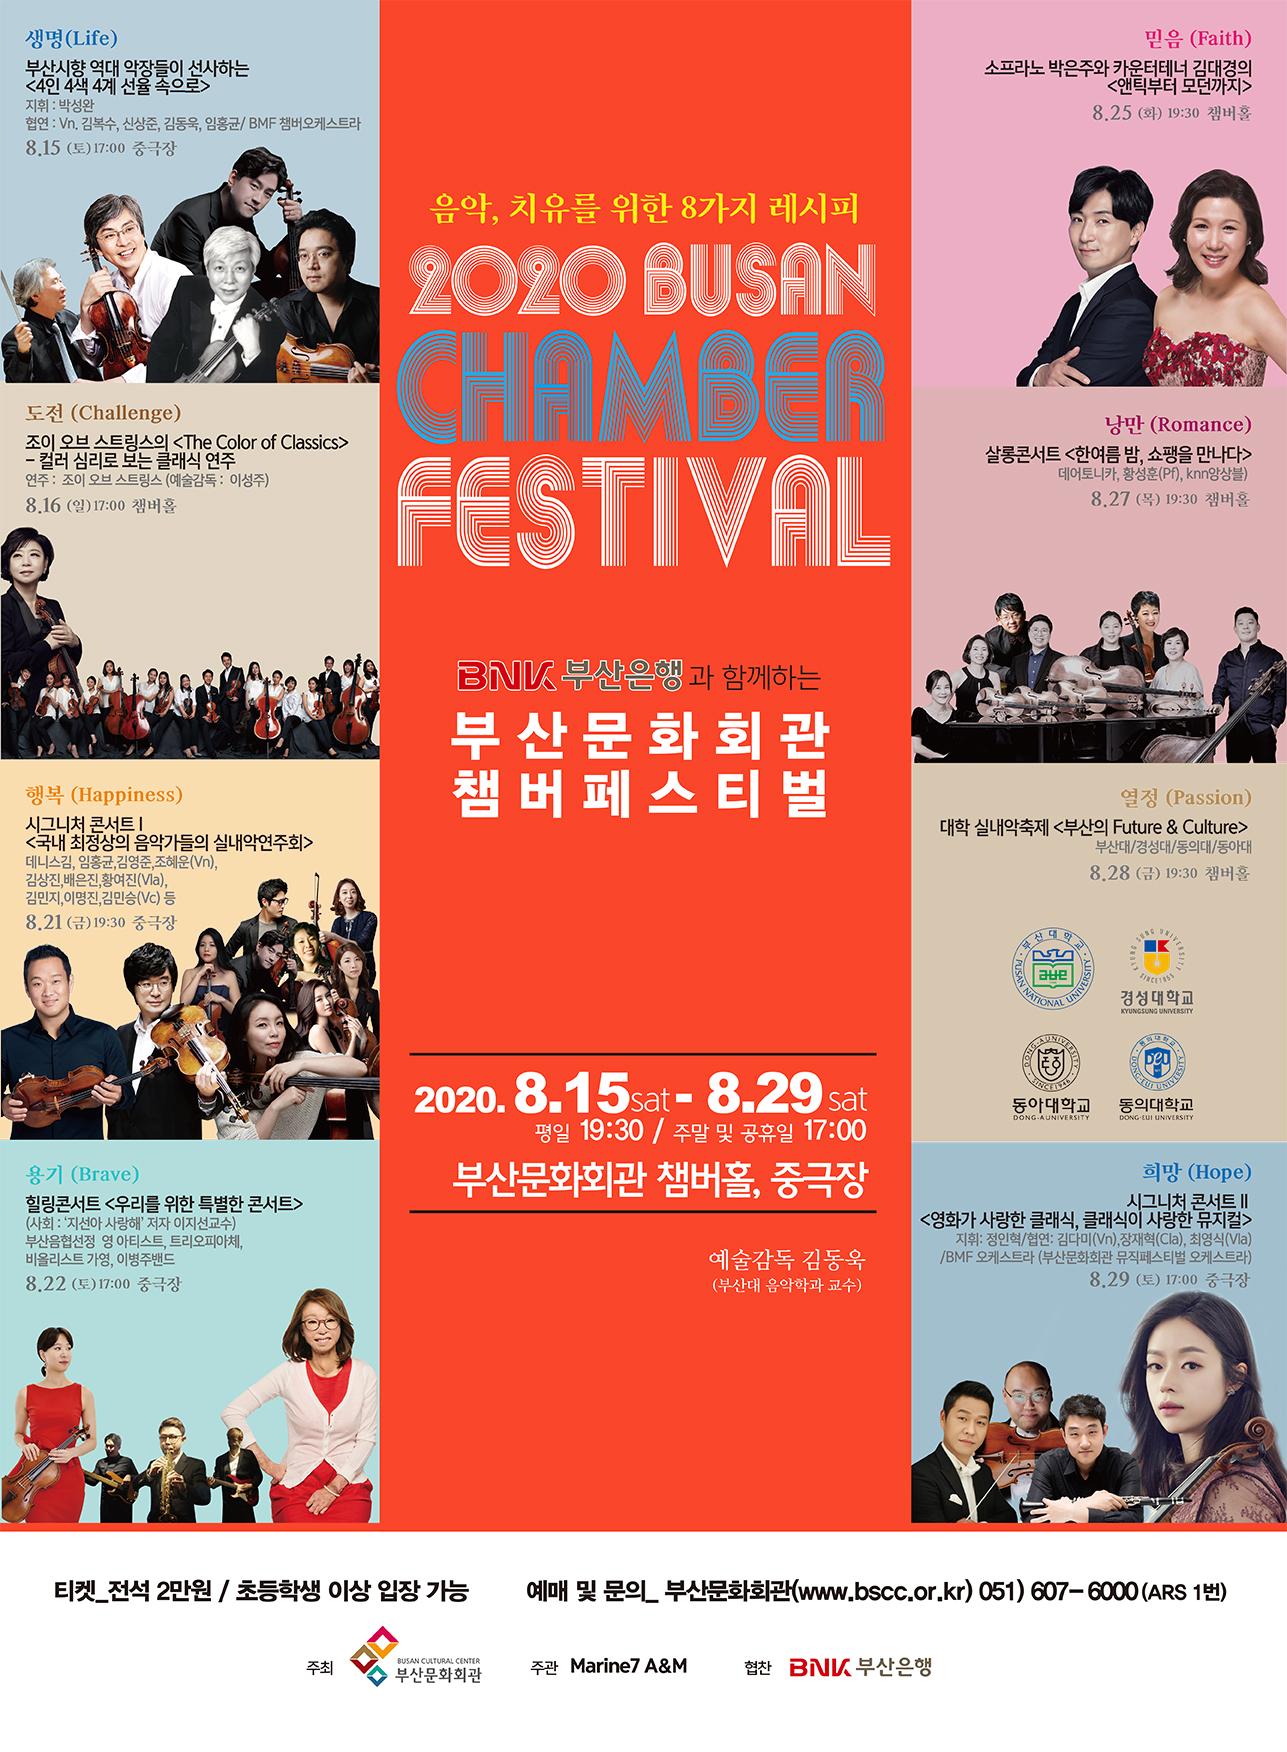 <2020 부산문화회관 챔버페스티벌>'부산의 Future&Culture 대학실내악 축제 - 부산대/경성대/동의대/동아대'